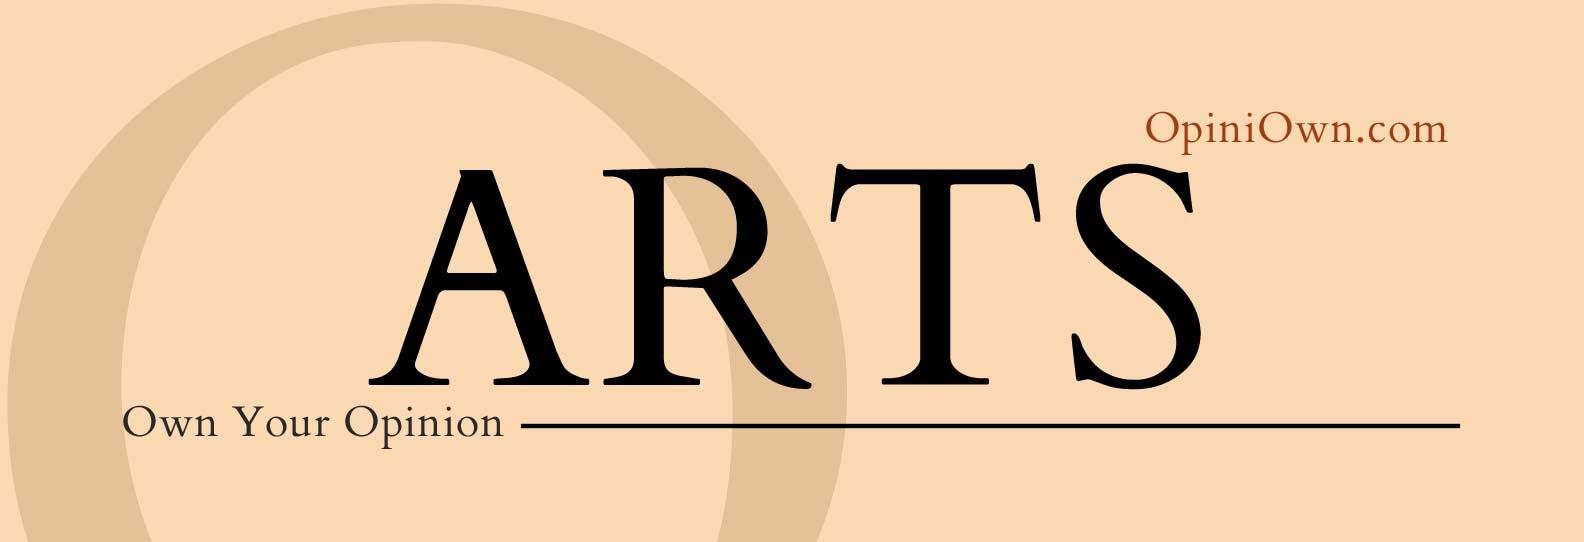 20-05-13---ARTS-header